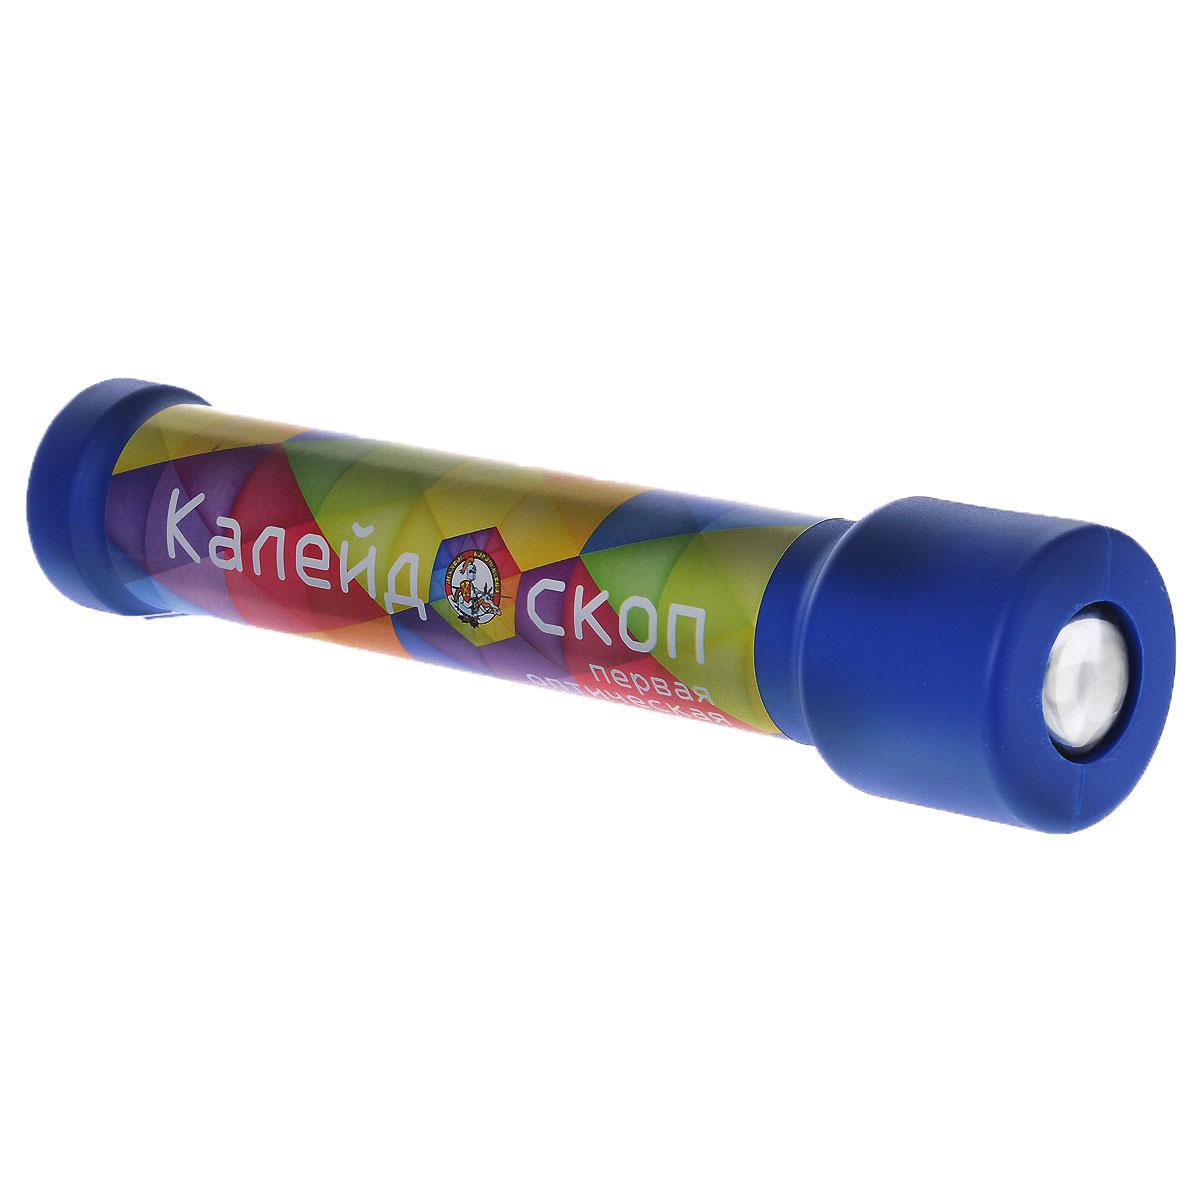 Калейдоскоп Десятое королевство калейдоскоп десятое королевство 01645